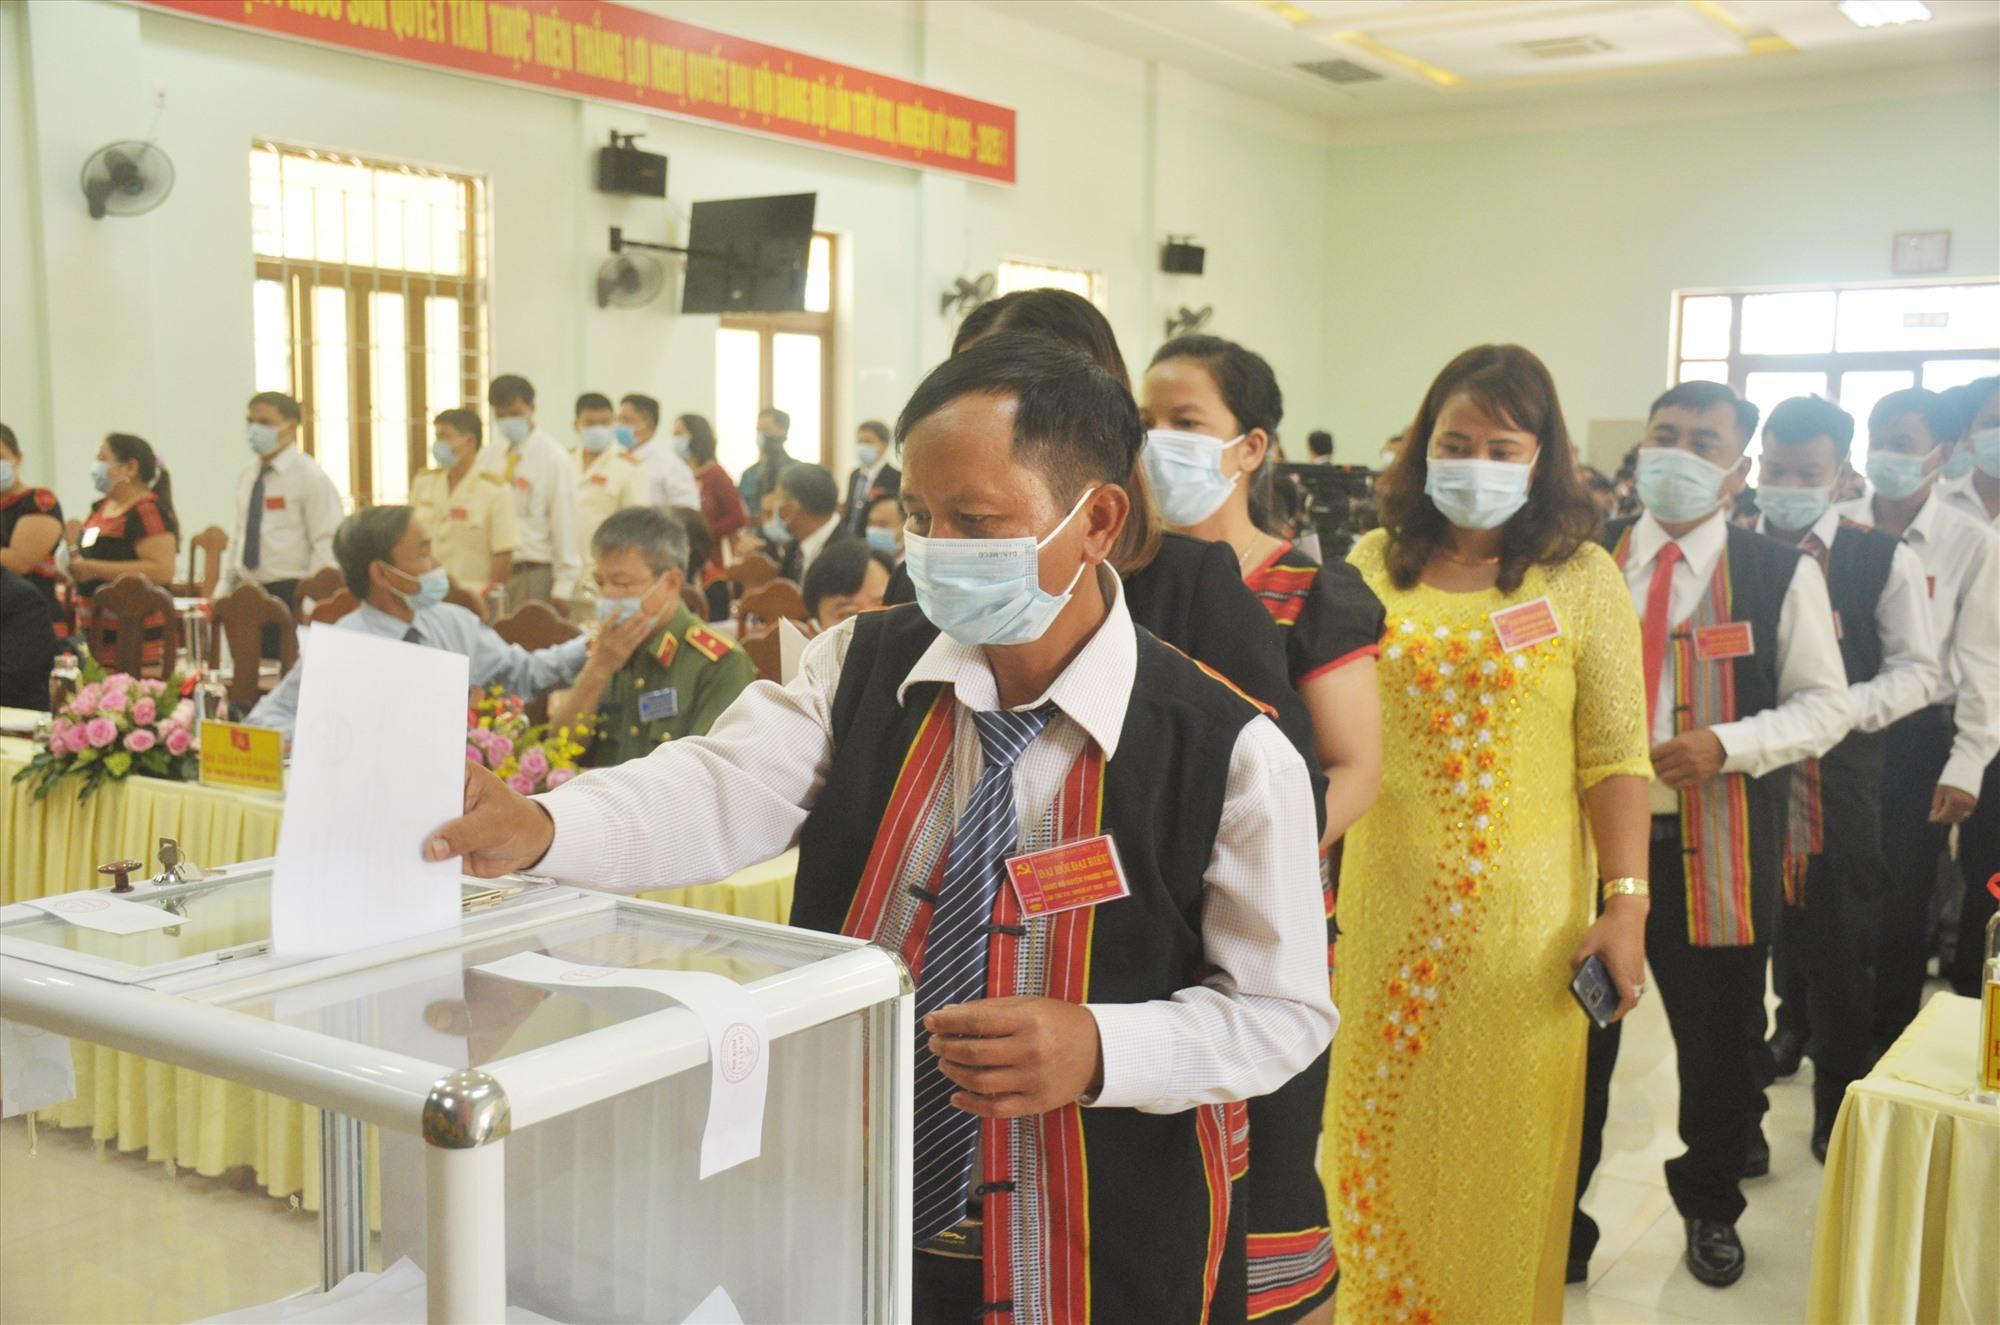 Sáng nay 28.7, các đại biểu bỏ phiếu bầu Ban Chấp hành Đảng bộ huyện Phước Sơn lần thứ XXI, nhiệm kỳ 2020 - 2025. Ảnh: N.Đ